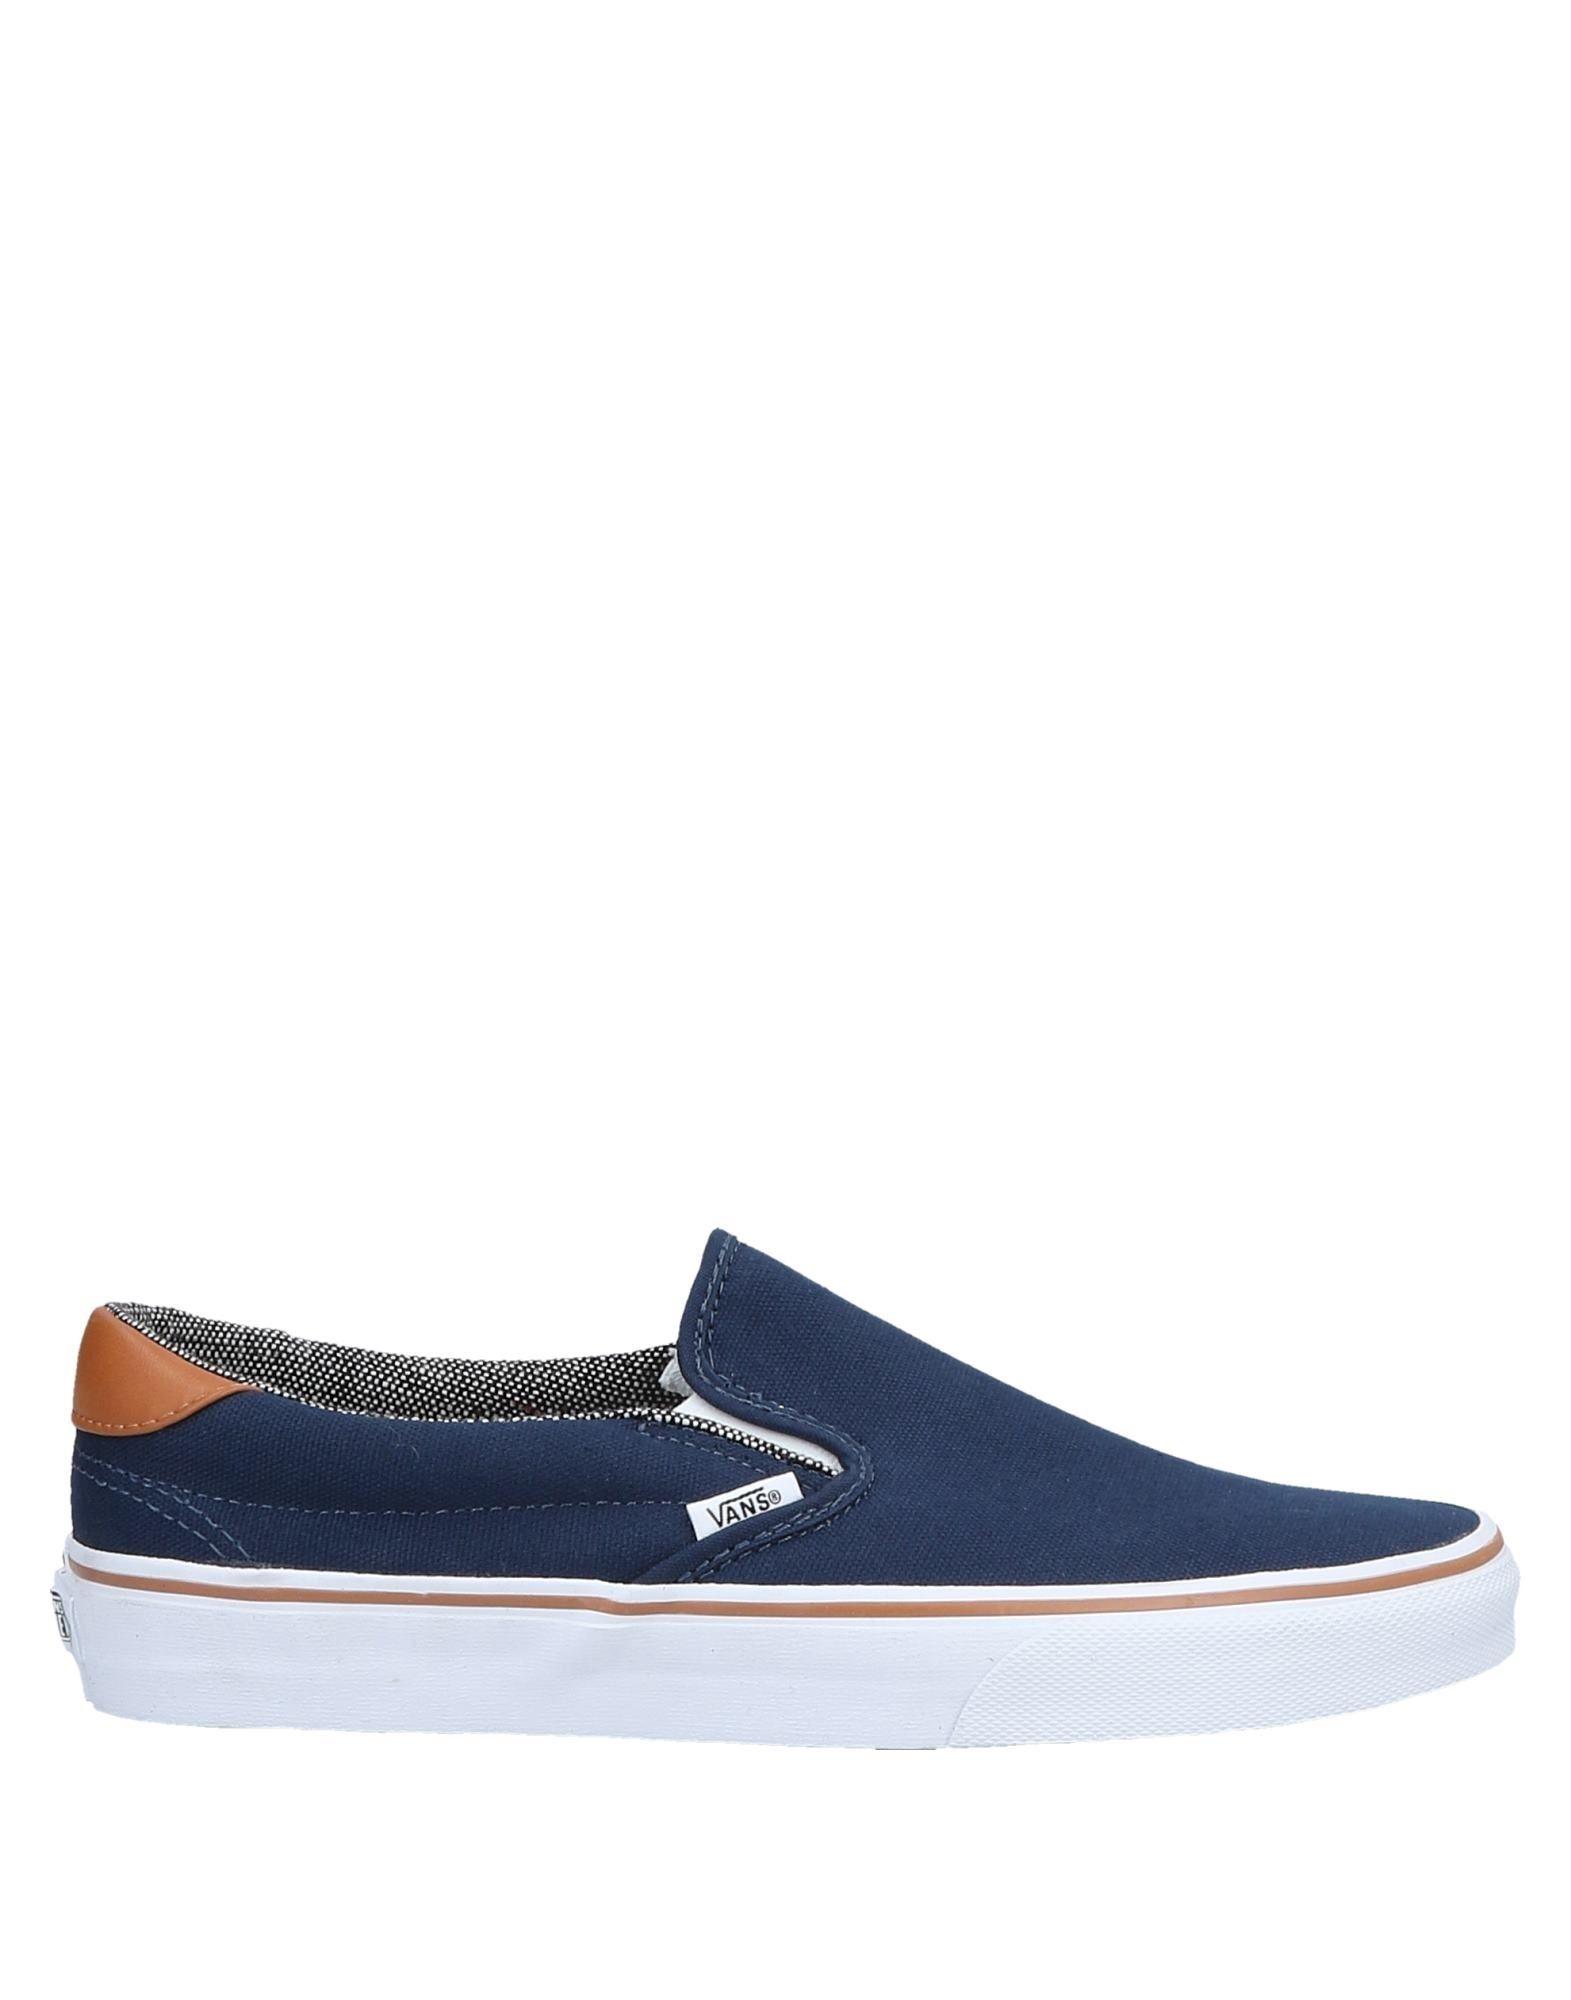 Zapatillas Vans Hombre - Zapatillas Vans  Azul Azul  oscuro 29cbbf